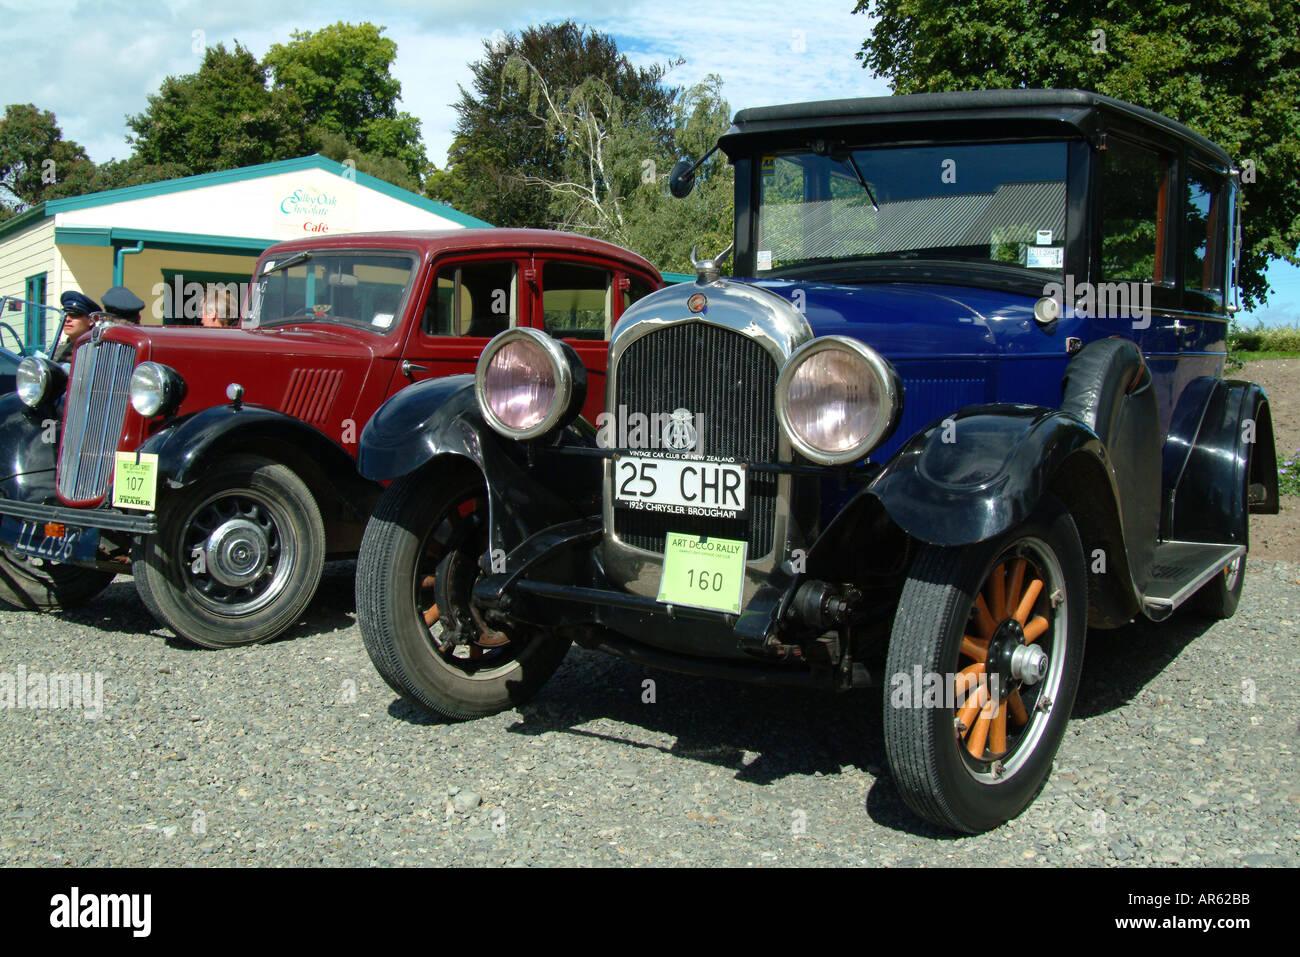 Oldtimer-Oldtimer, die Hawkes bay Rallye Neuseeland Stockbild